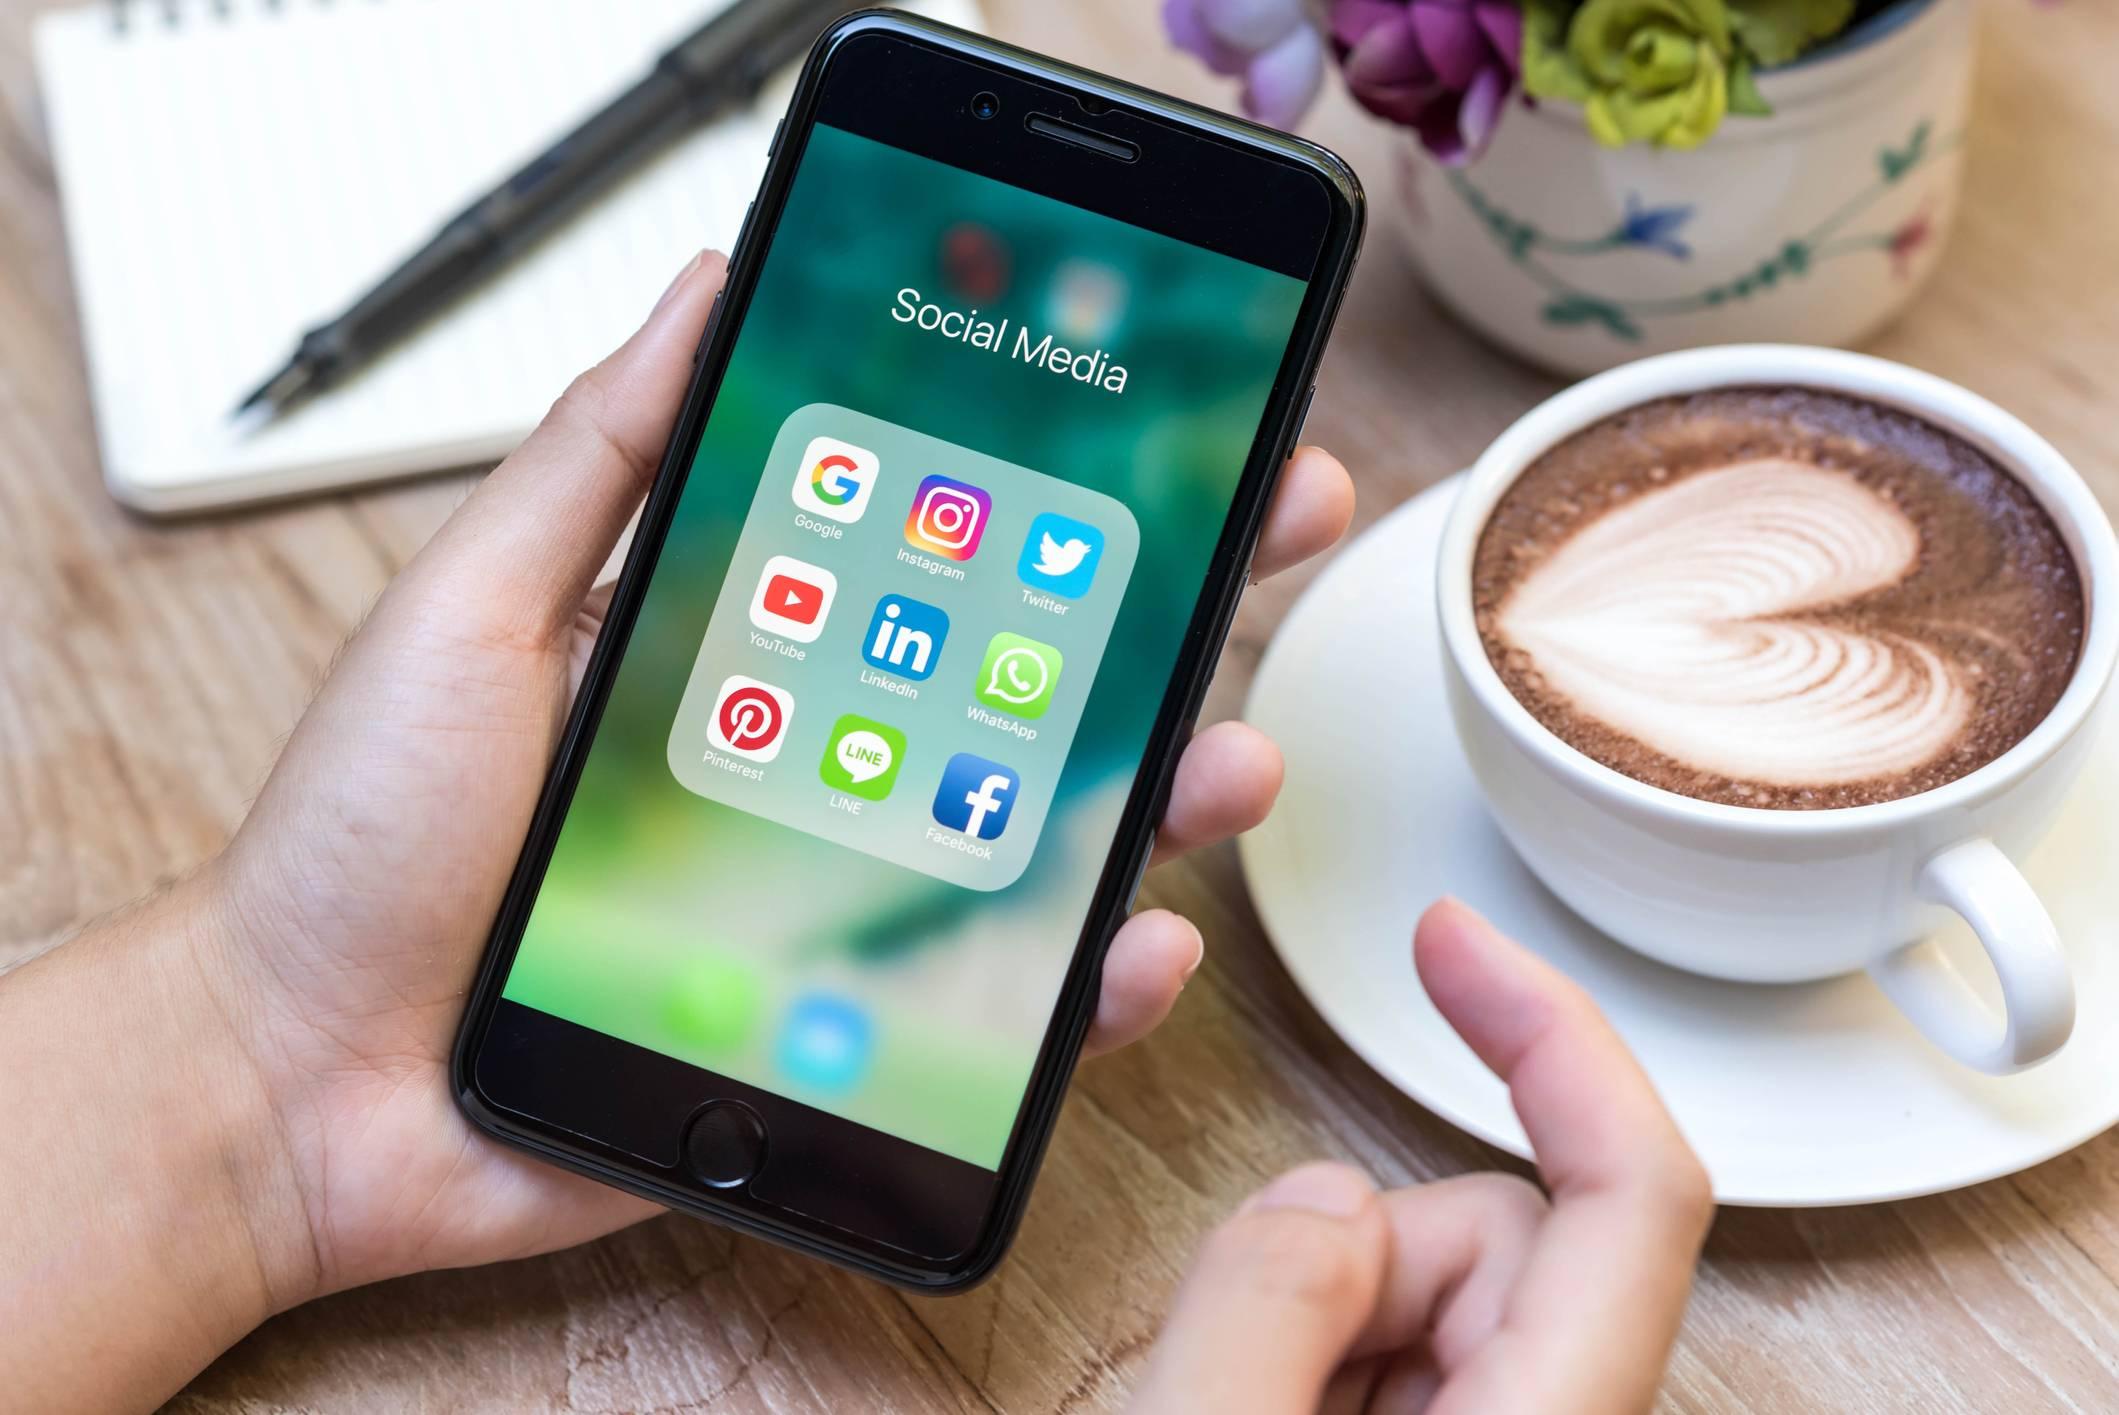 Une personne buvant son café et utilisant les réseaux sociaux